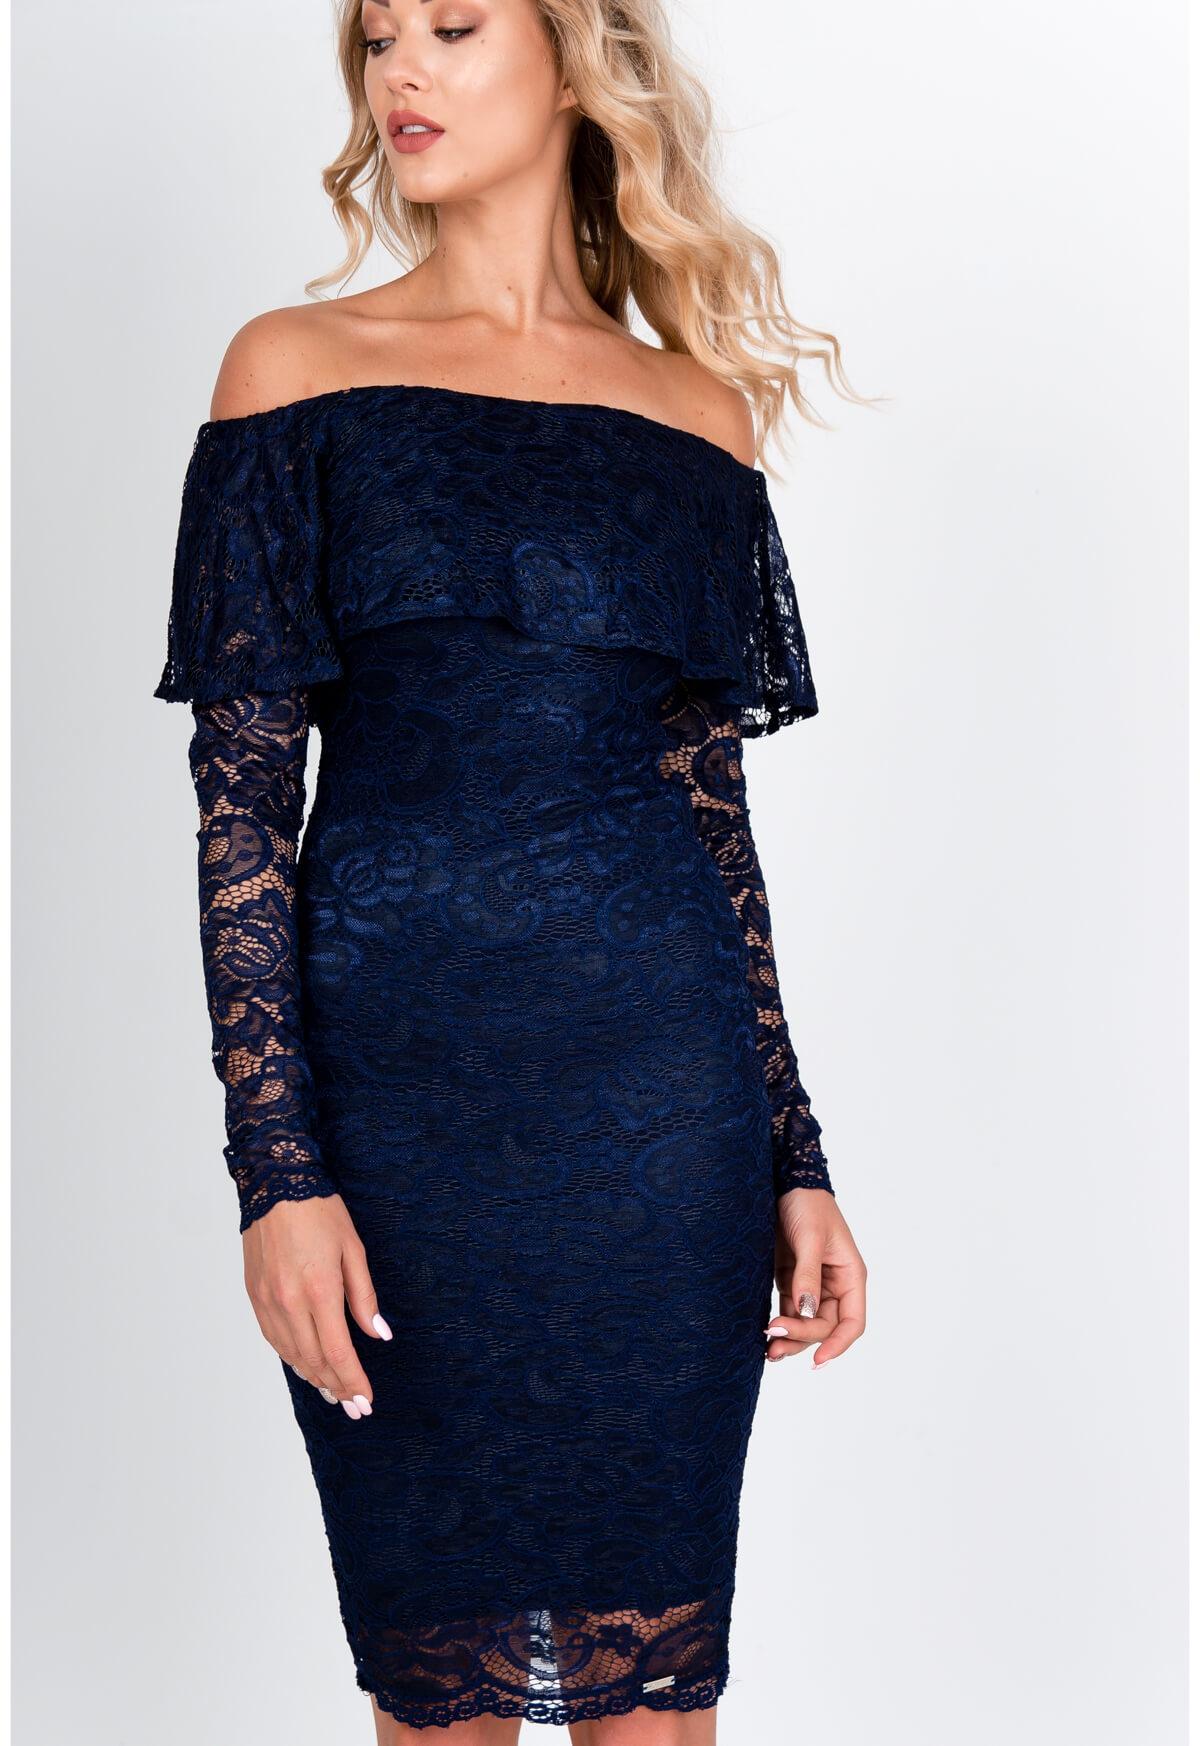 Elegantné tmavo-modré šaty v španielskom štýle - M